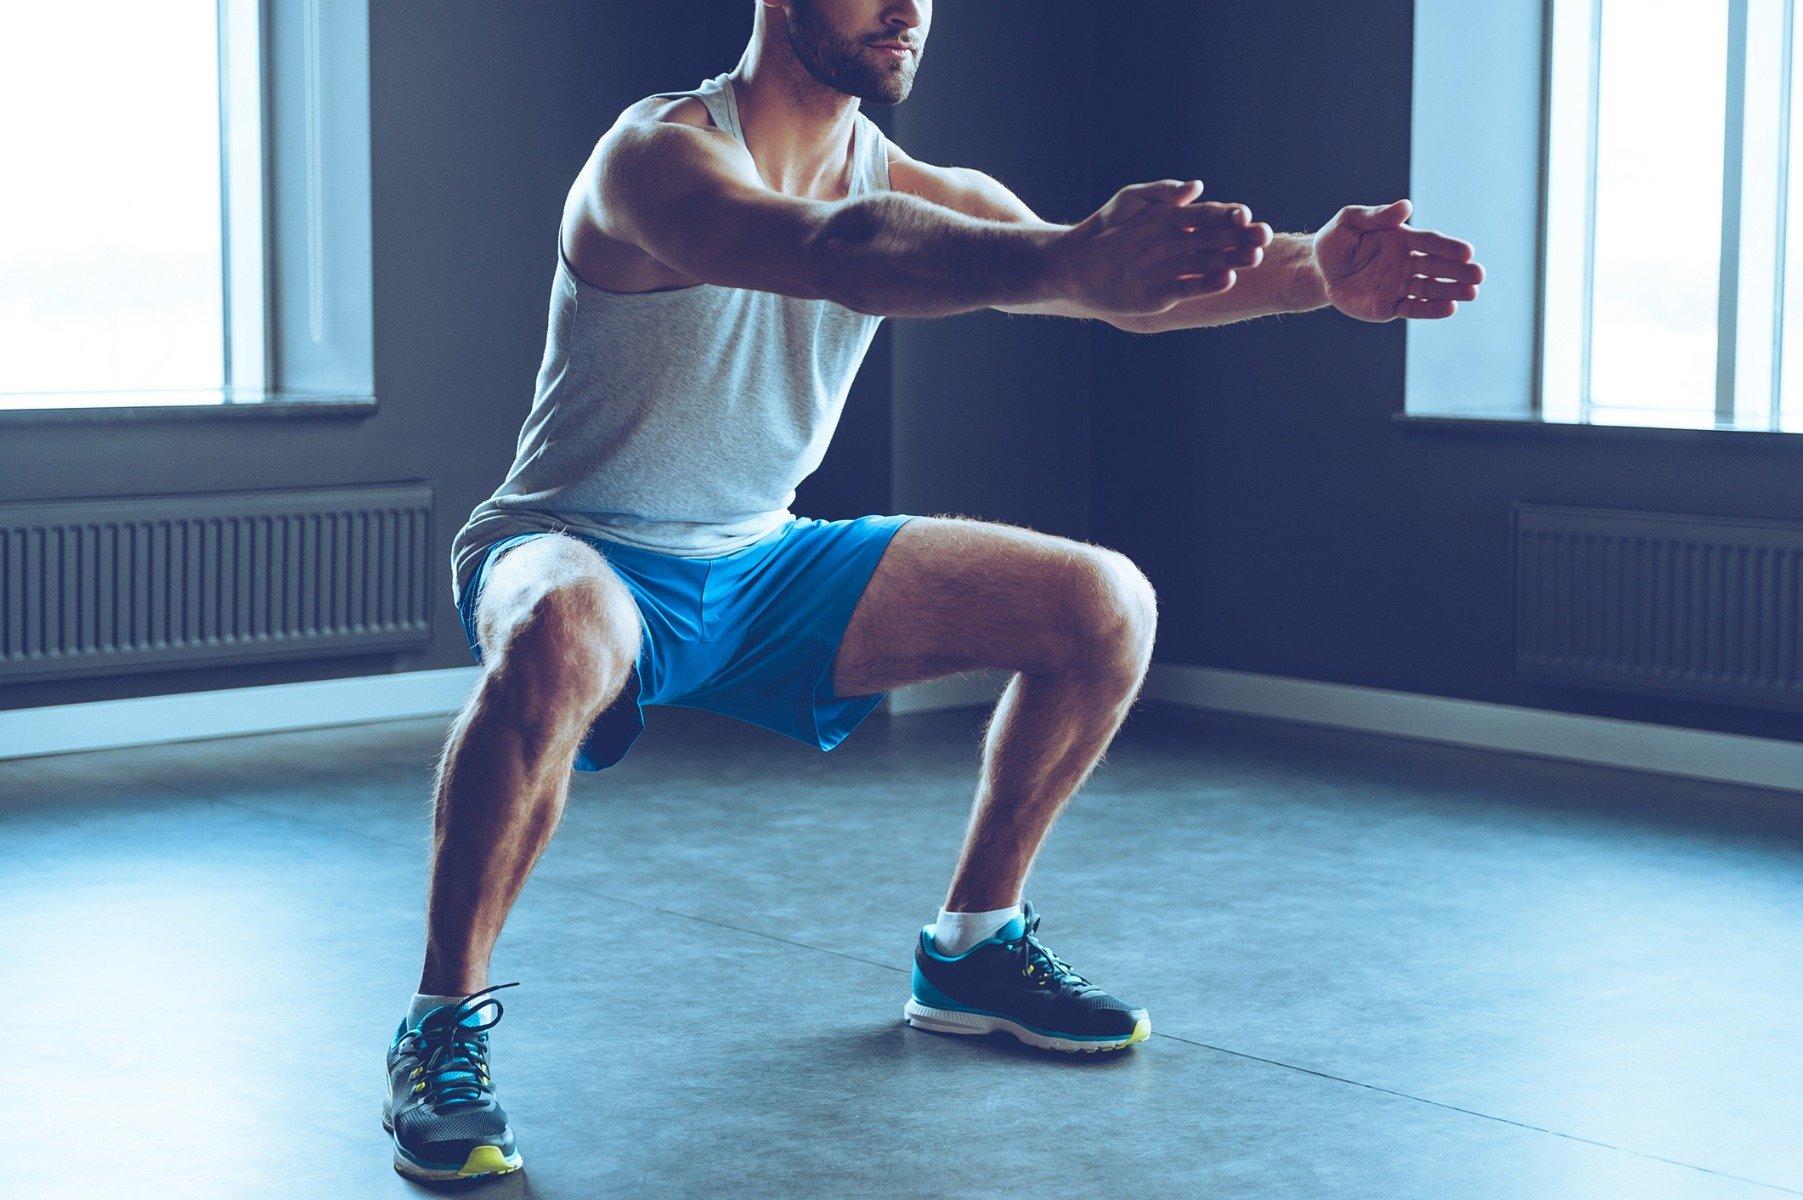 térd osteoporosis 3 fokos kezelése